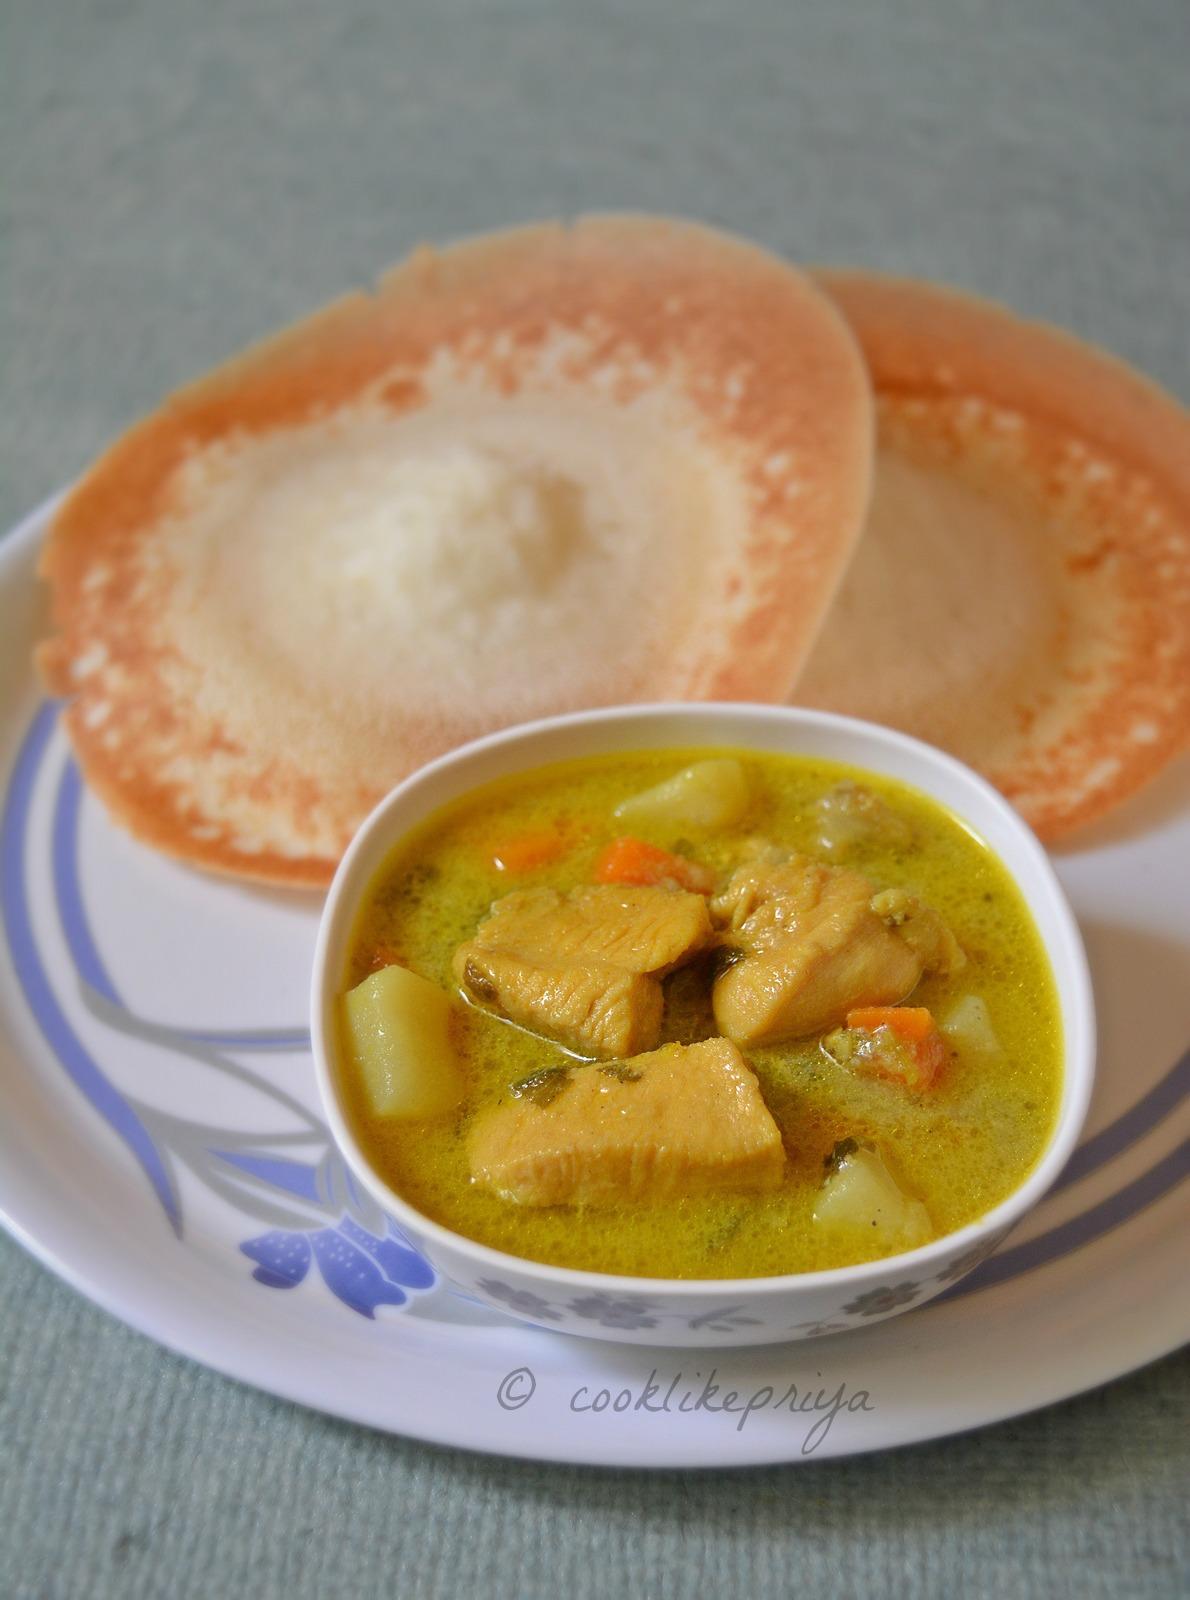 Chicken coconut milk curry for appam/ idiyappam